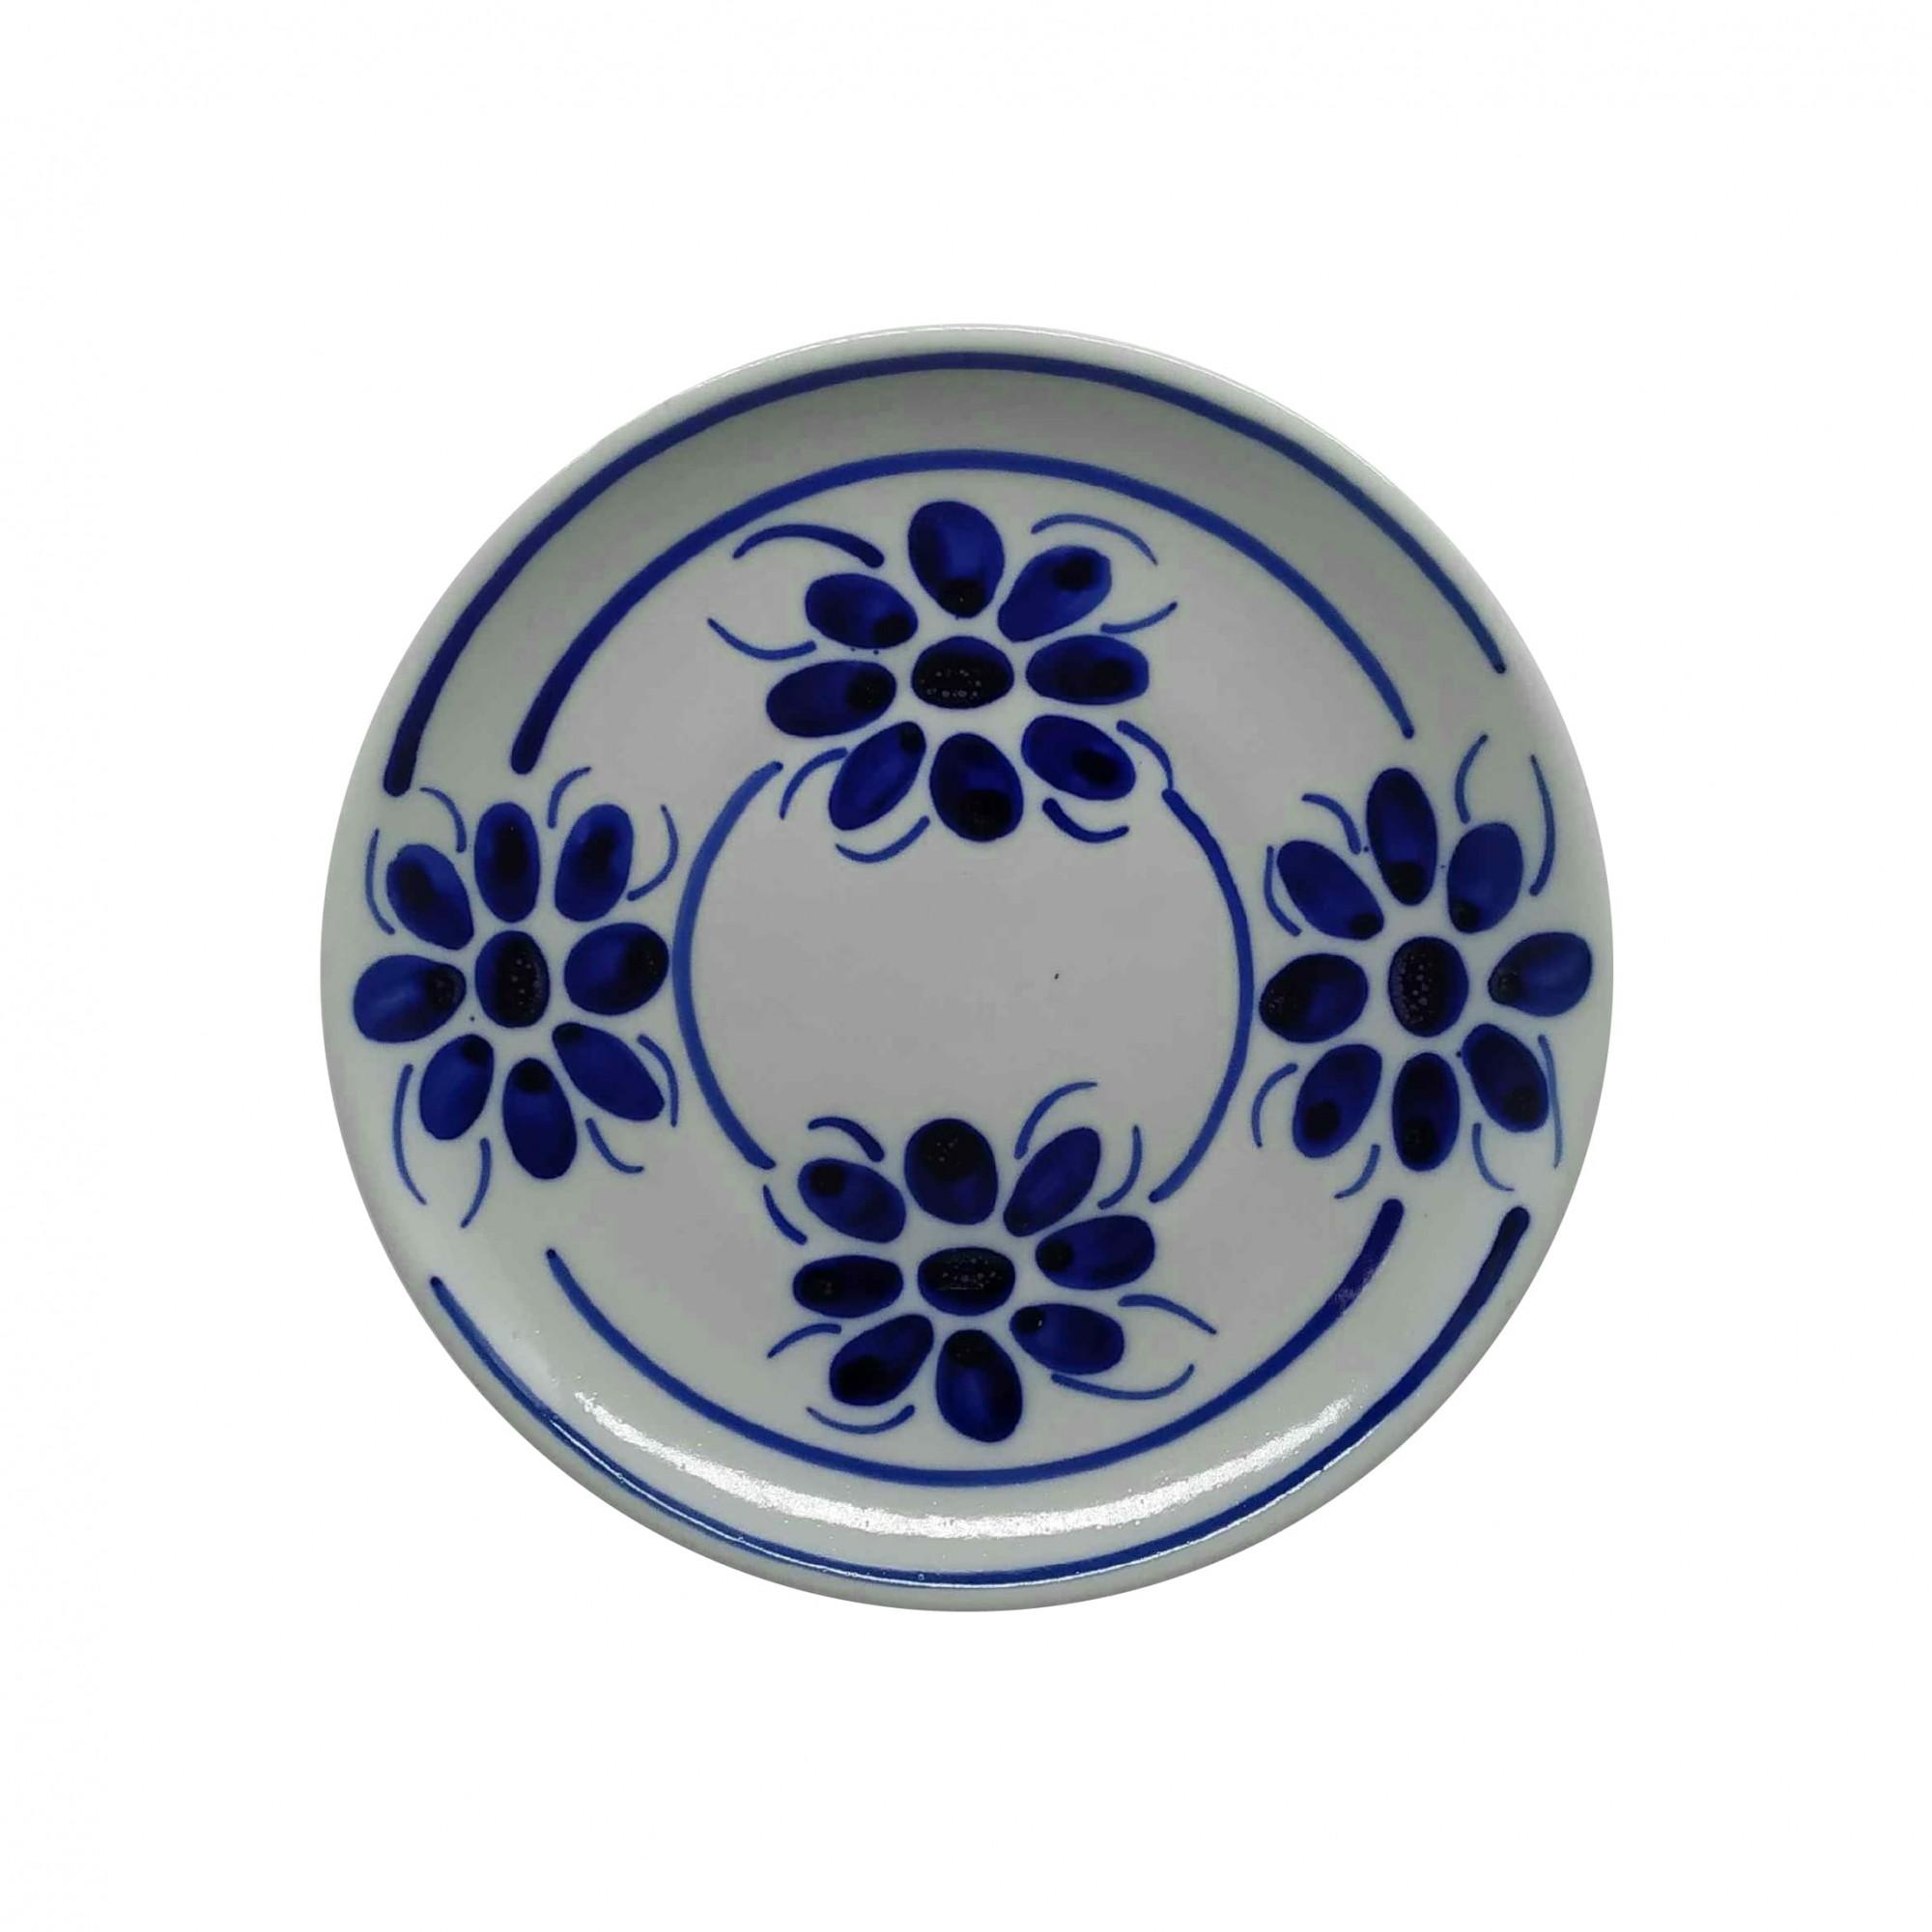 Prato de Sobremesa 18,5 cm em Porcelana Azul Floral